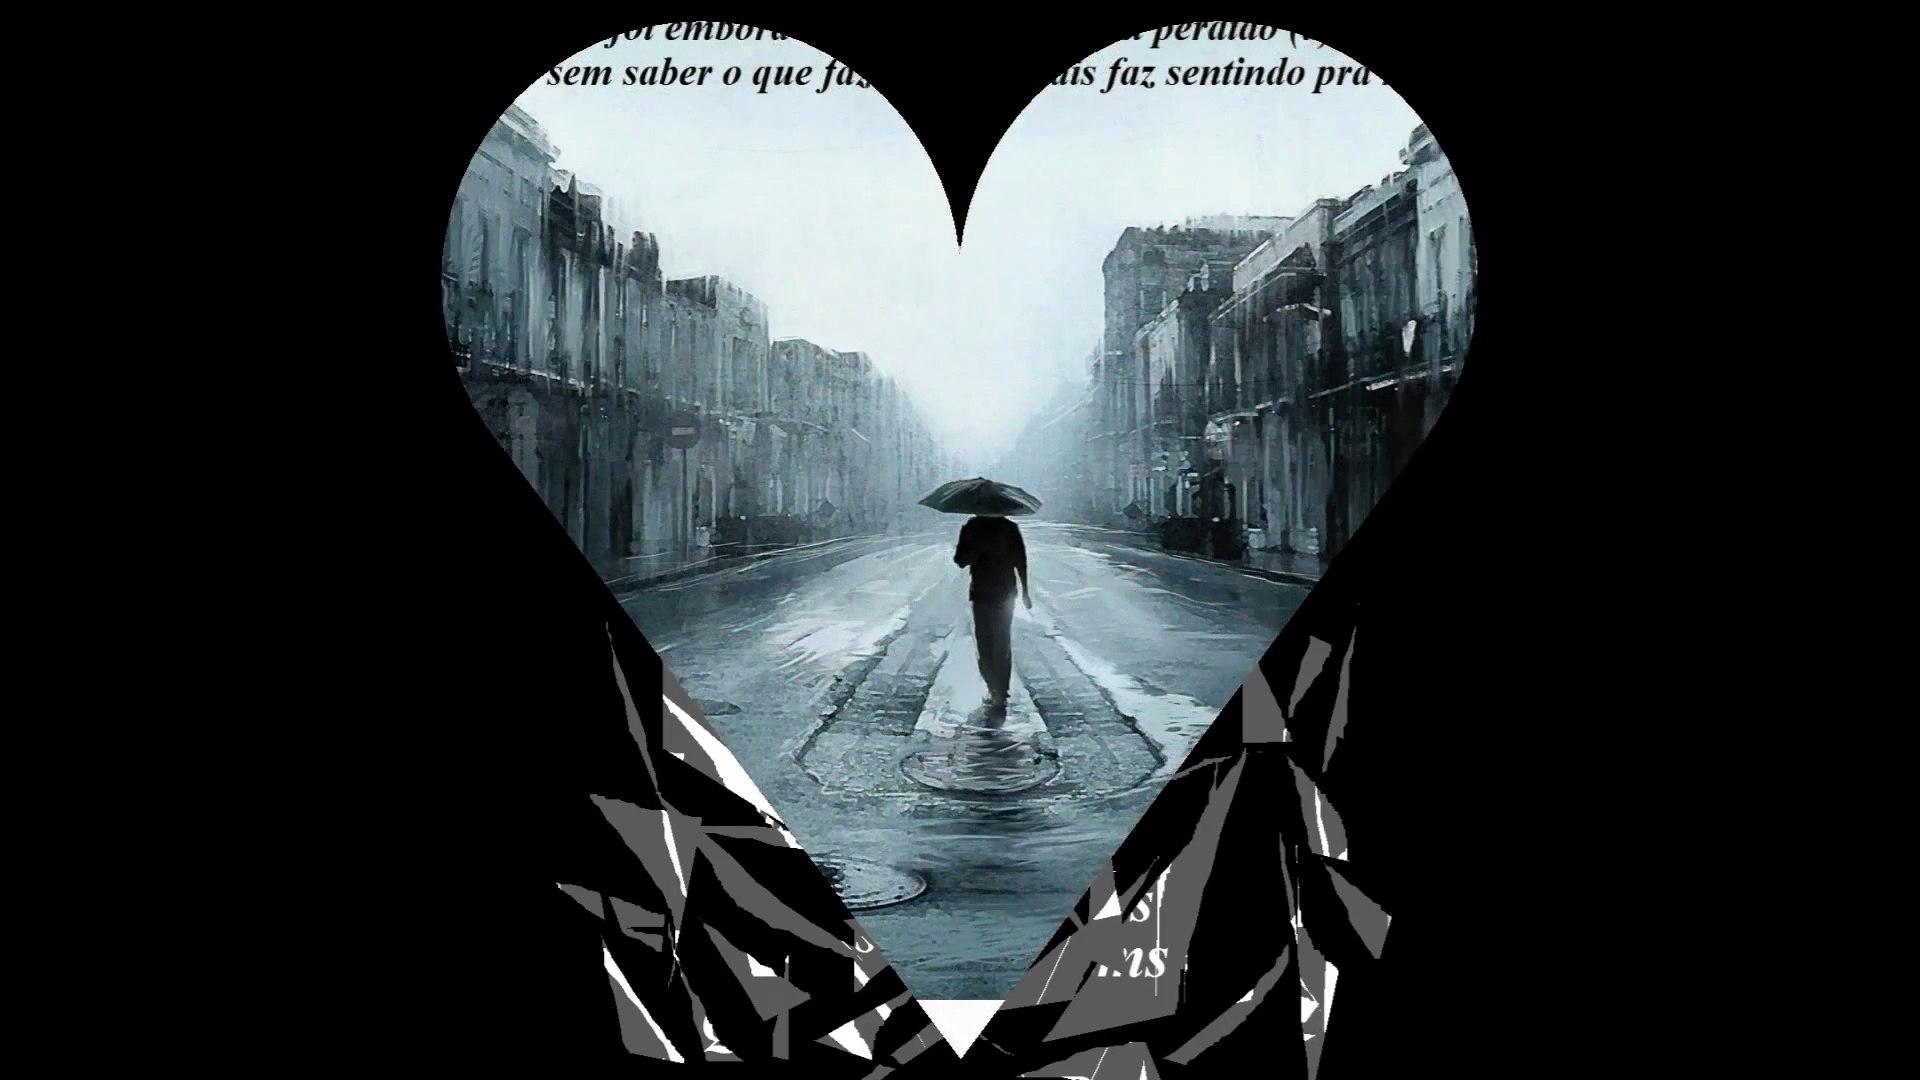 Você foi embora da minha vida, nada mais faz sentido para mim... [Frases e Poemas]